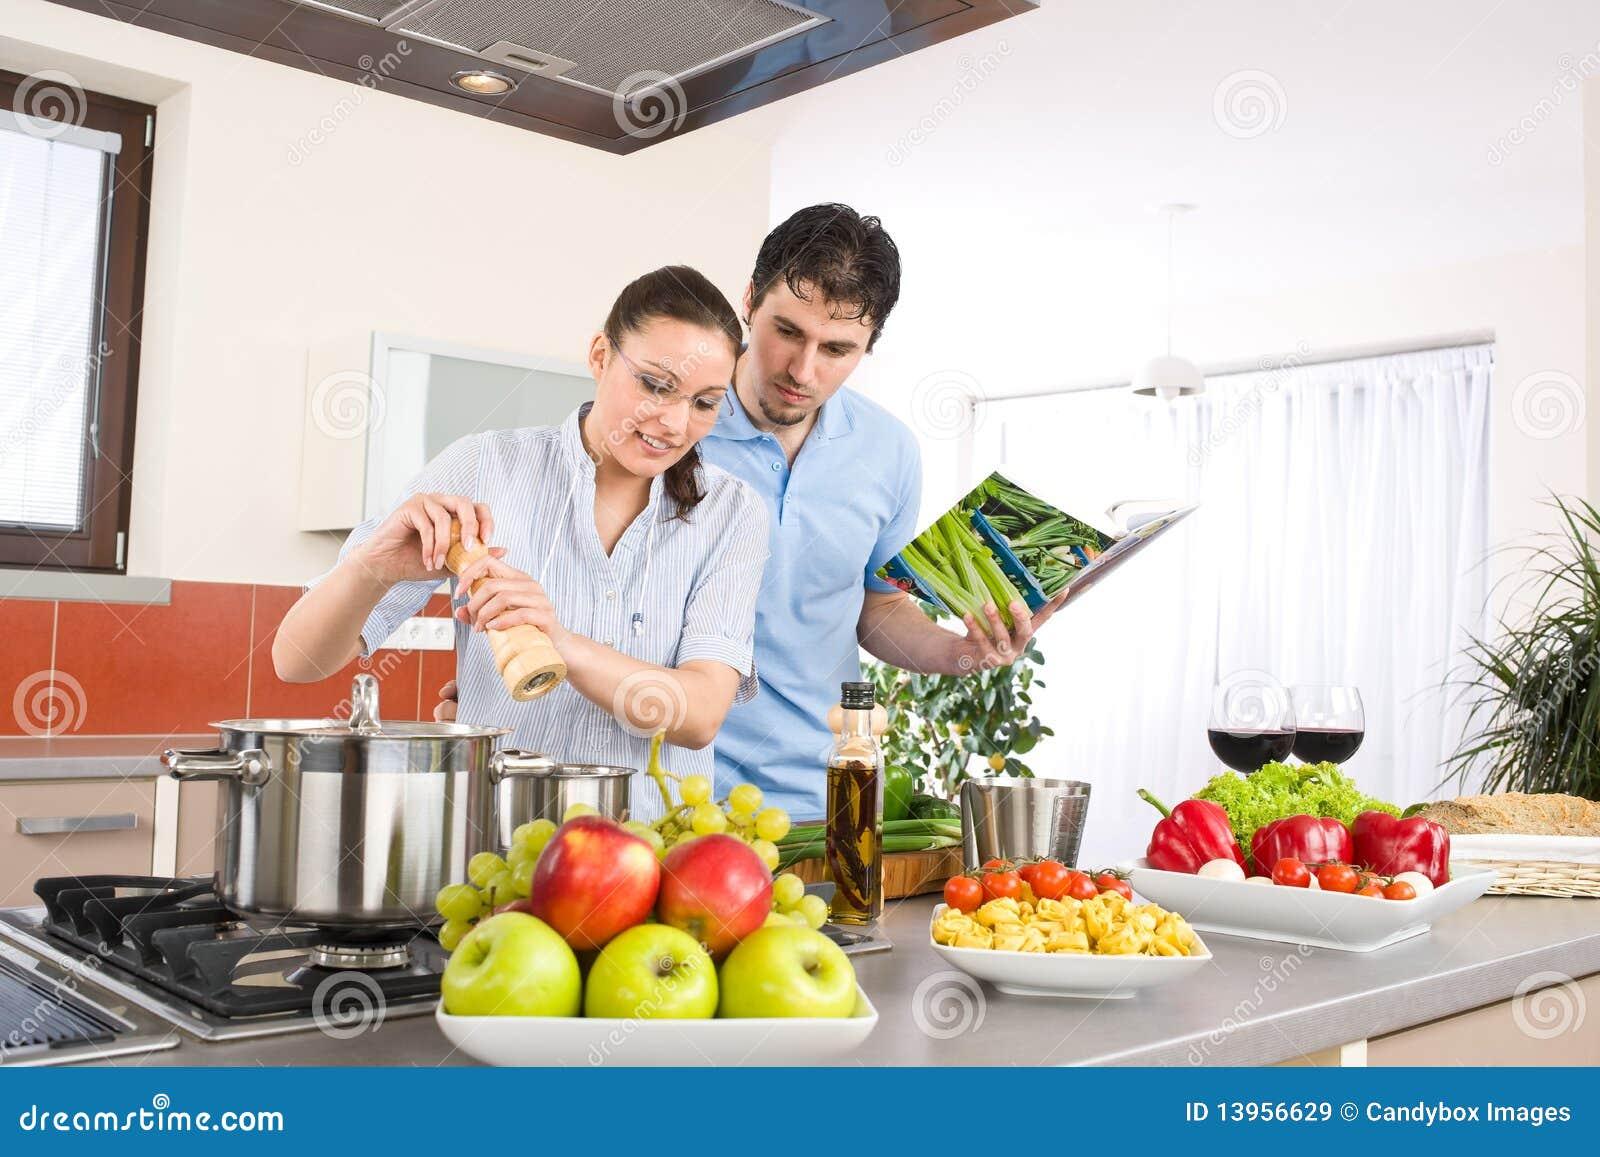 junge gl ckliche paare kochen in der k che mit kochbuch stockbild bild 13956629. Black Bedroom Furniture Sets. Home Design Ideas